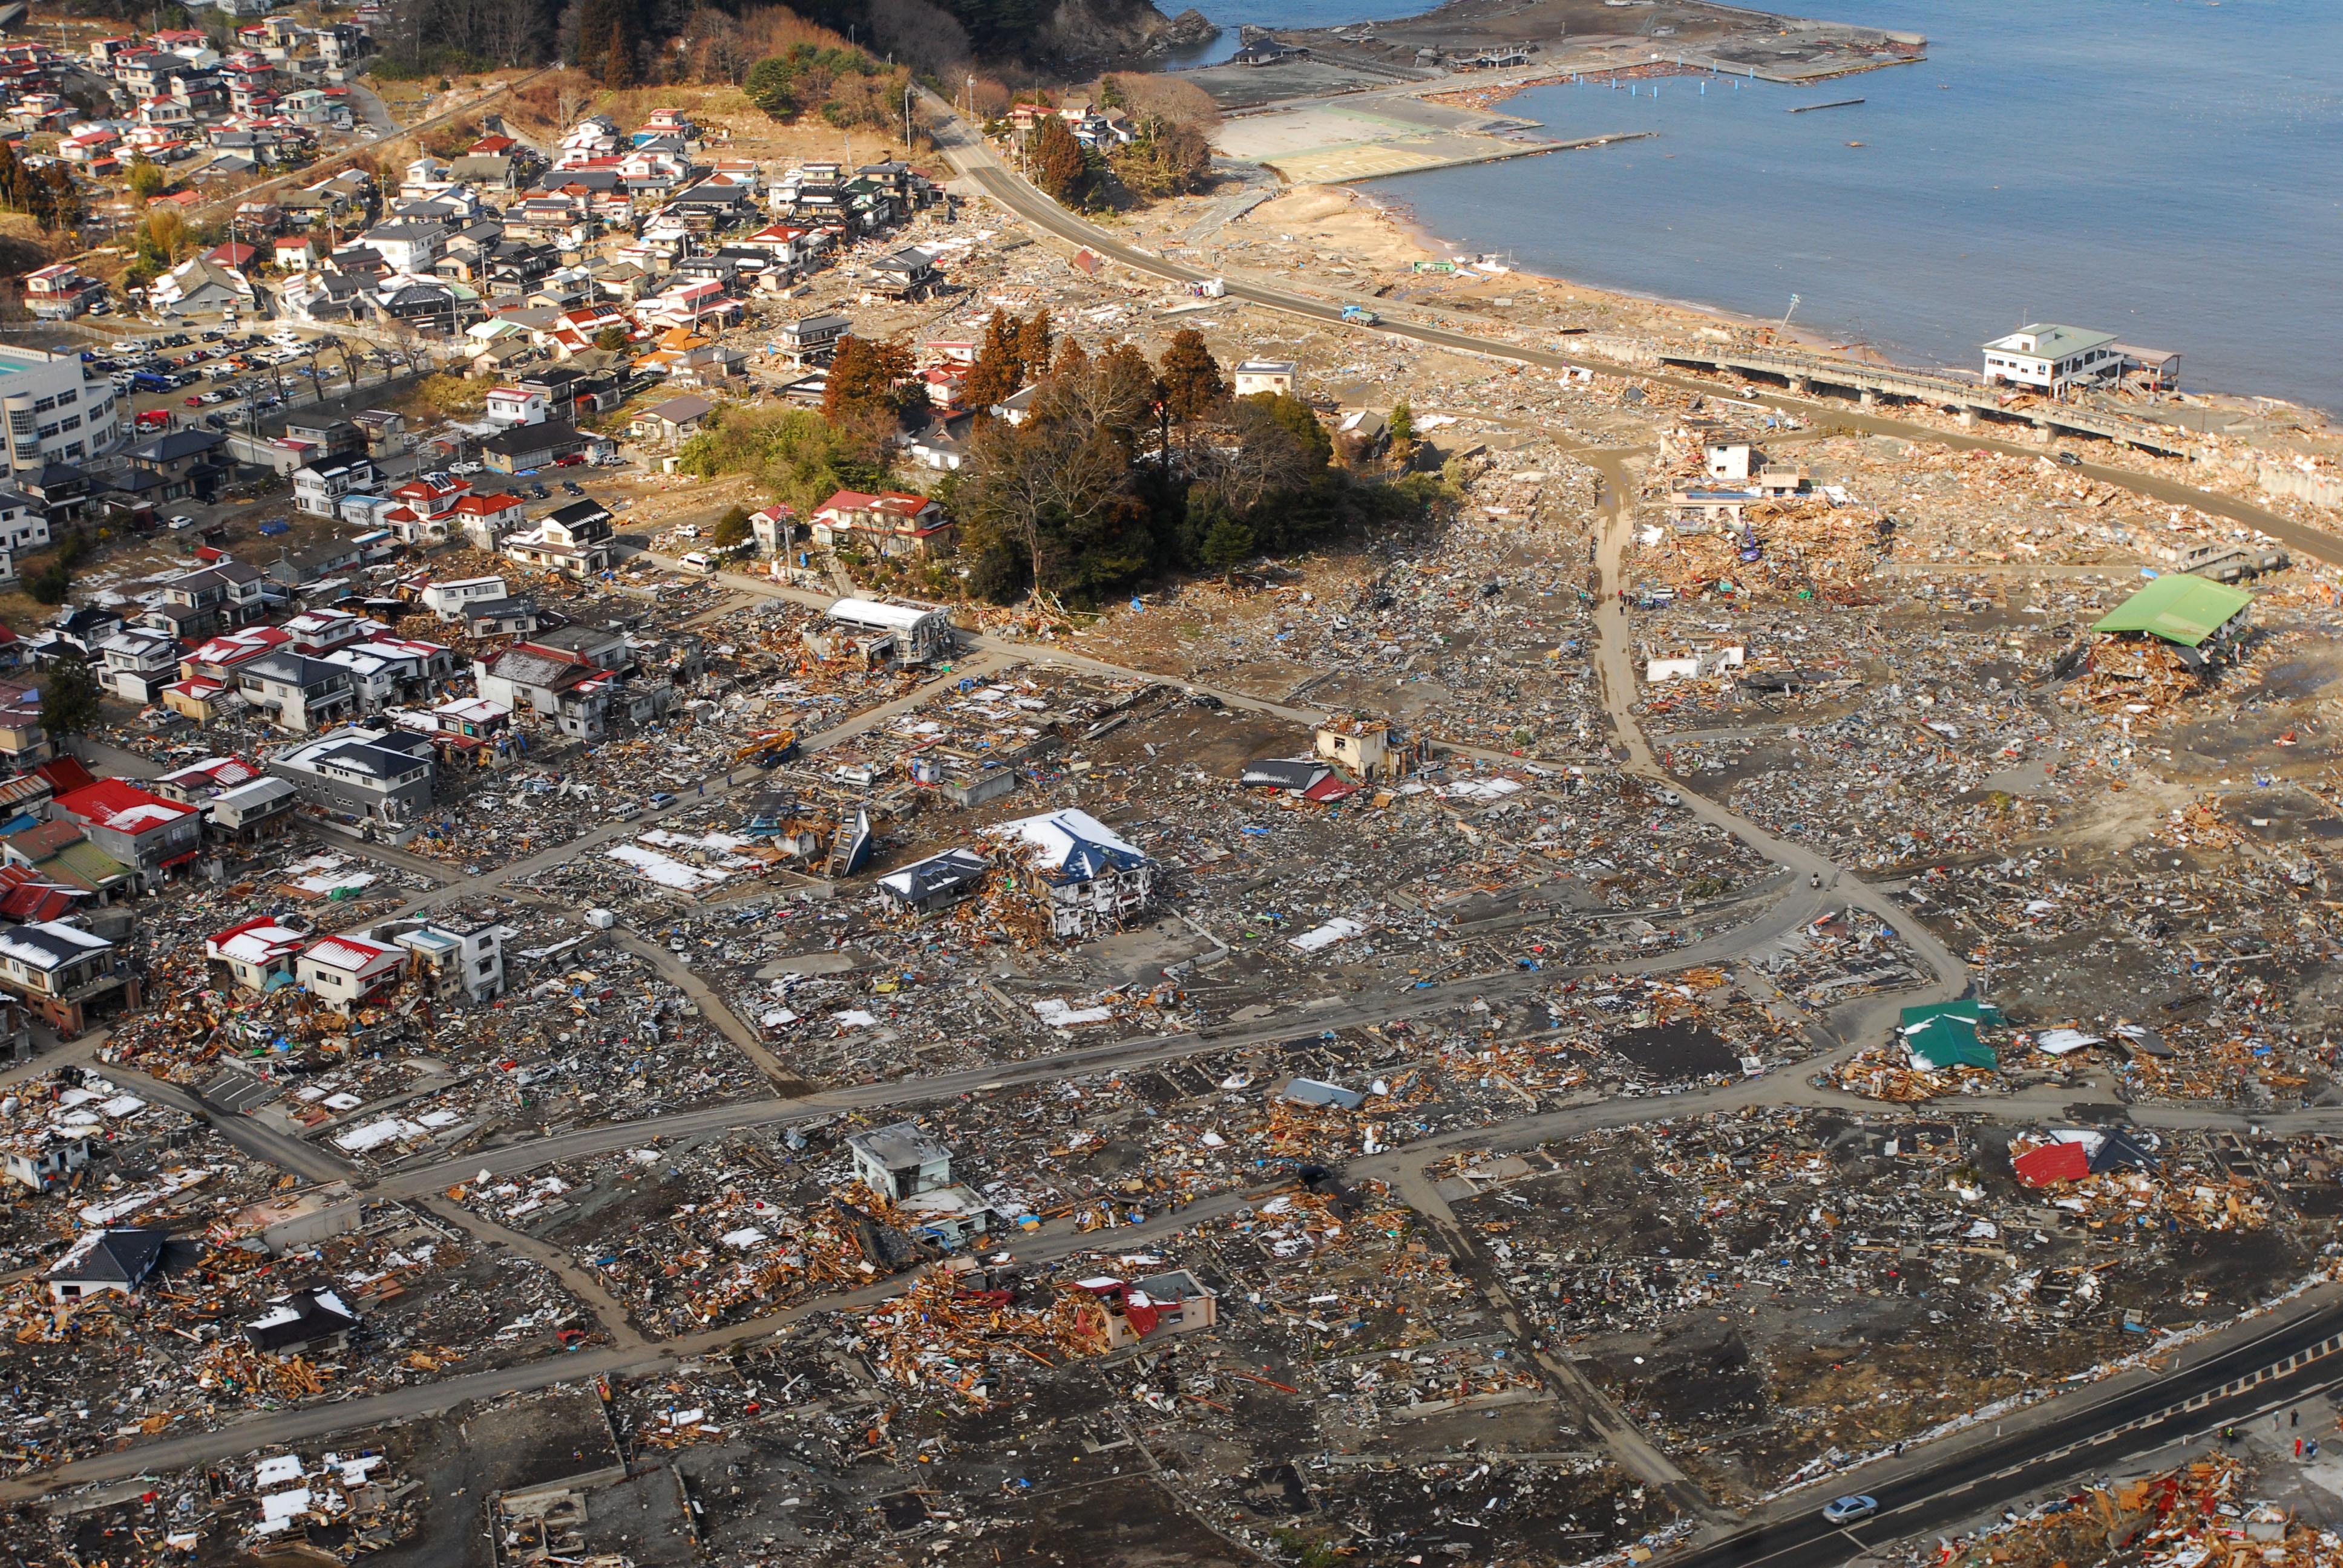 左)津波の被害を受けた石巻港。写真上部は東松島市大曲地区の冠水した水田(2011年3月20日、宮城県石巻市および東松島市)  (中)被災から1週間後の三陸